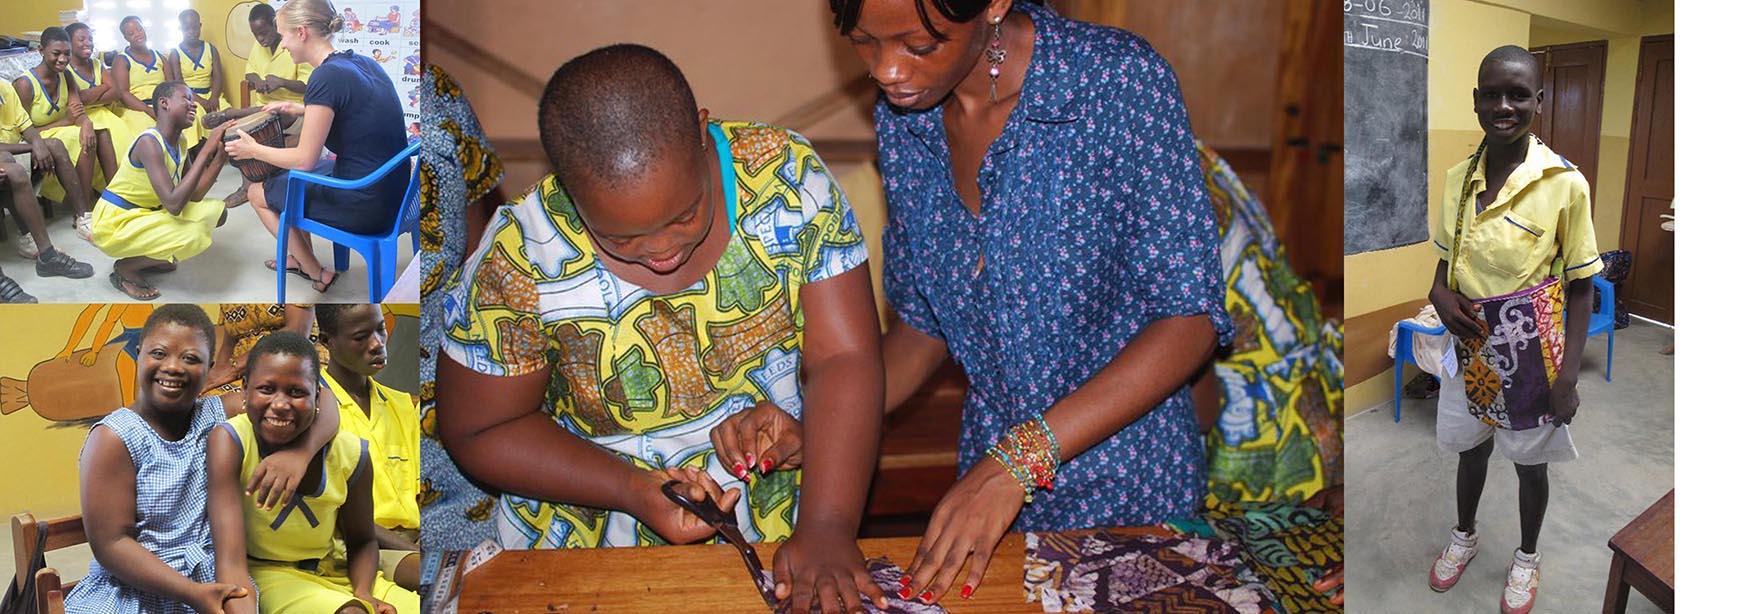 Volunteers helping students create the bags at Aboom School.